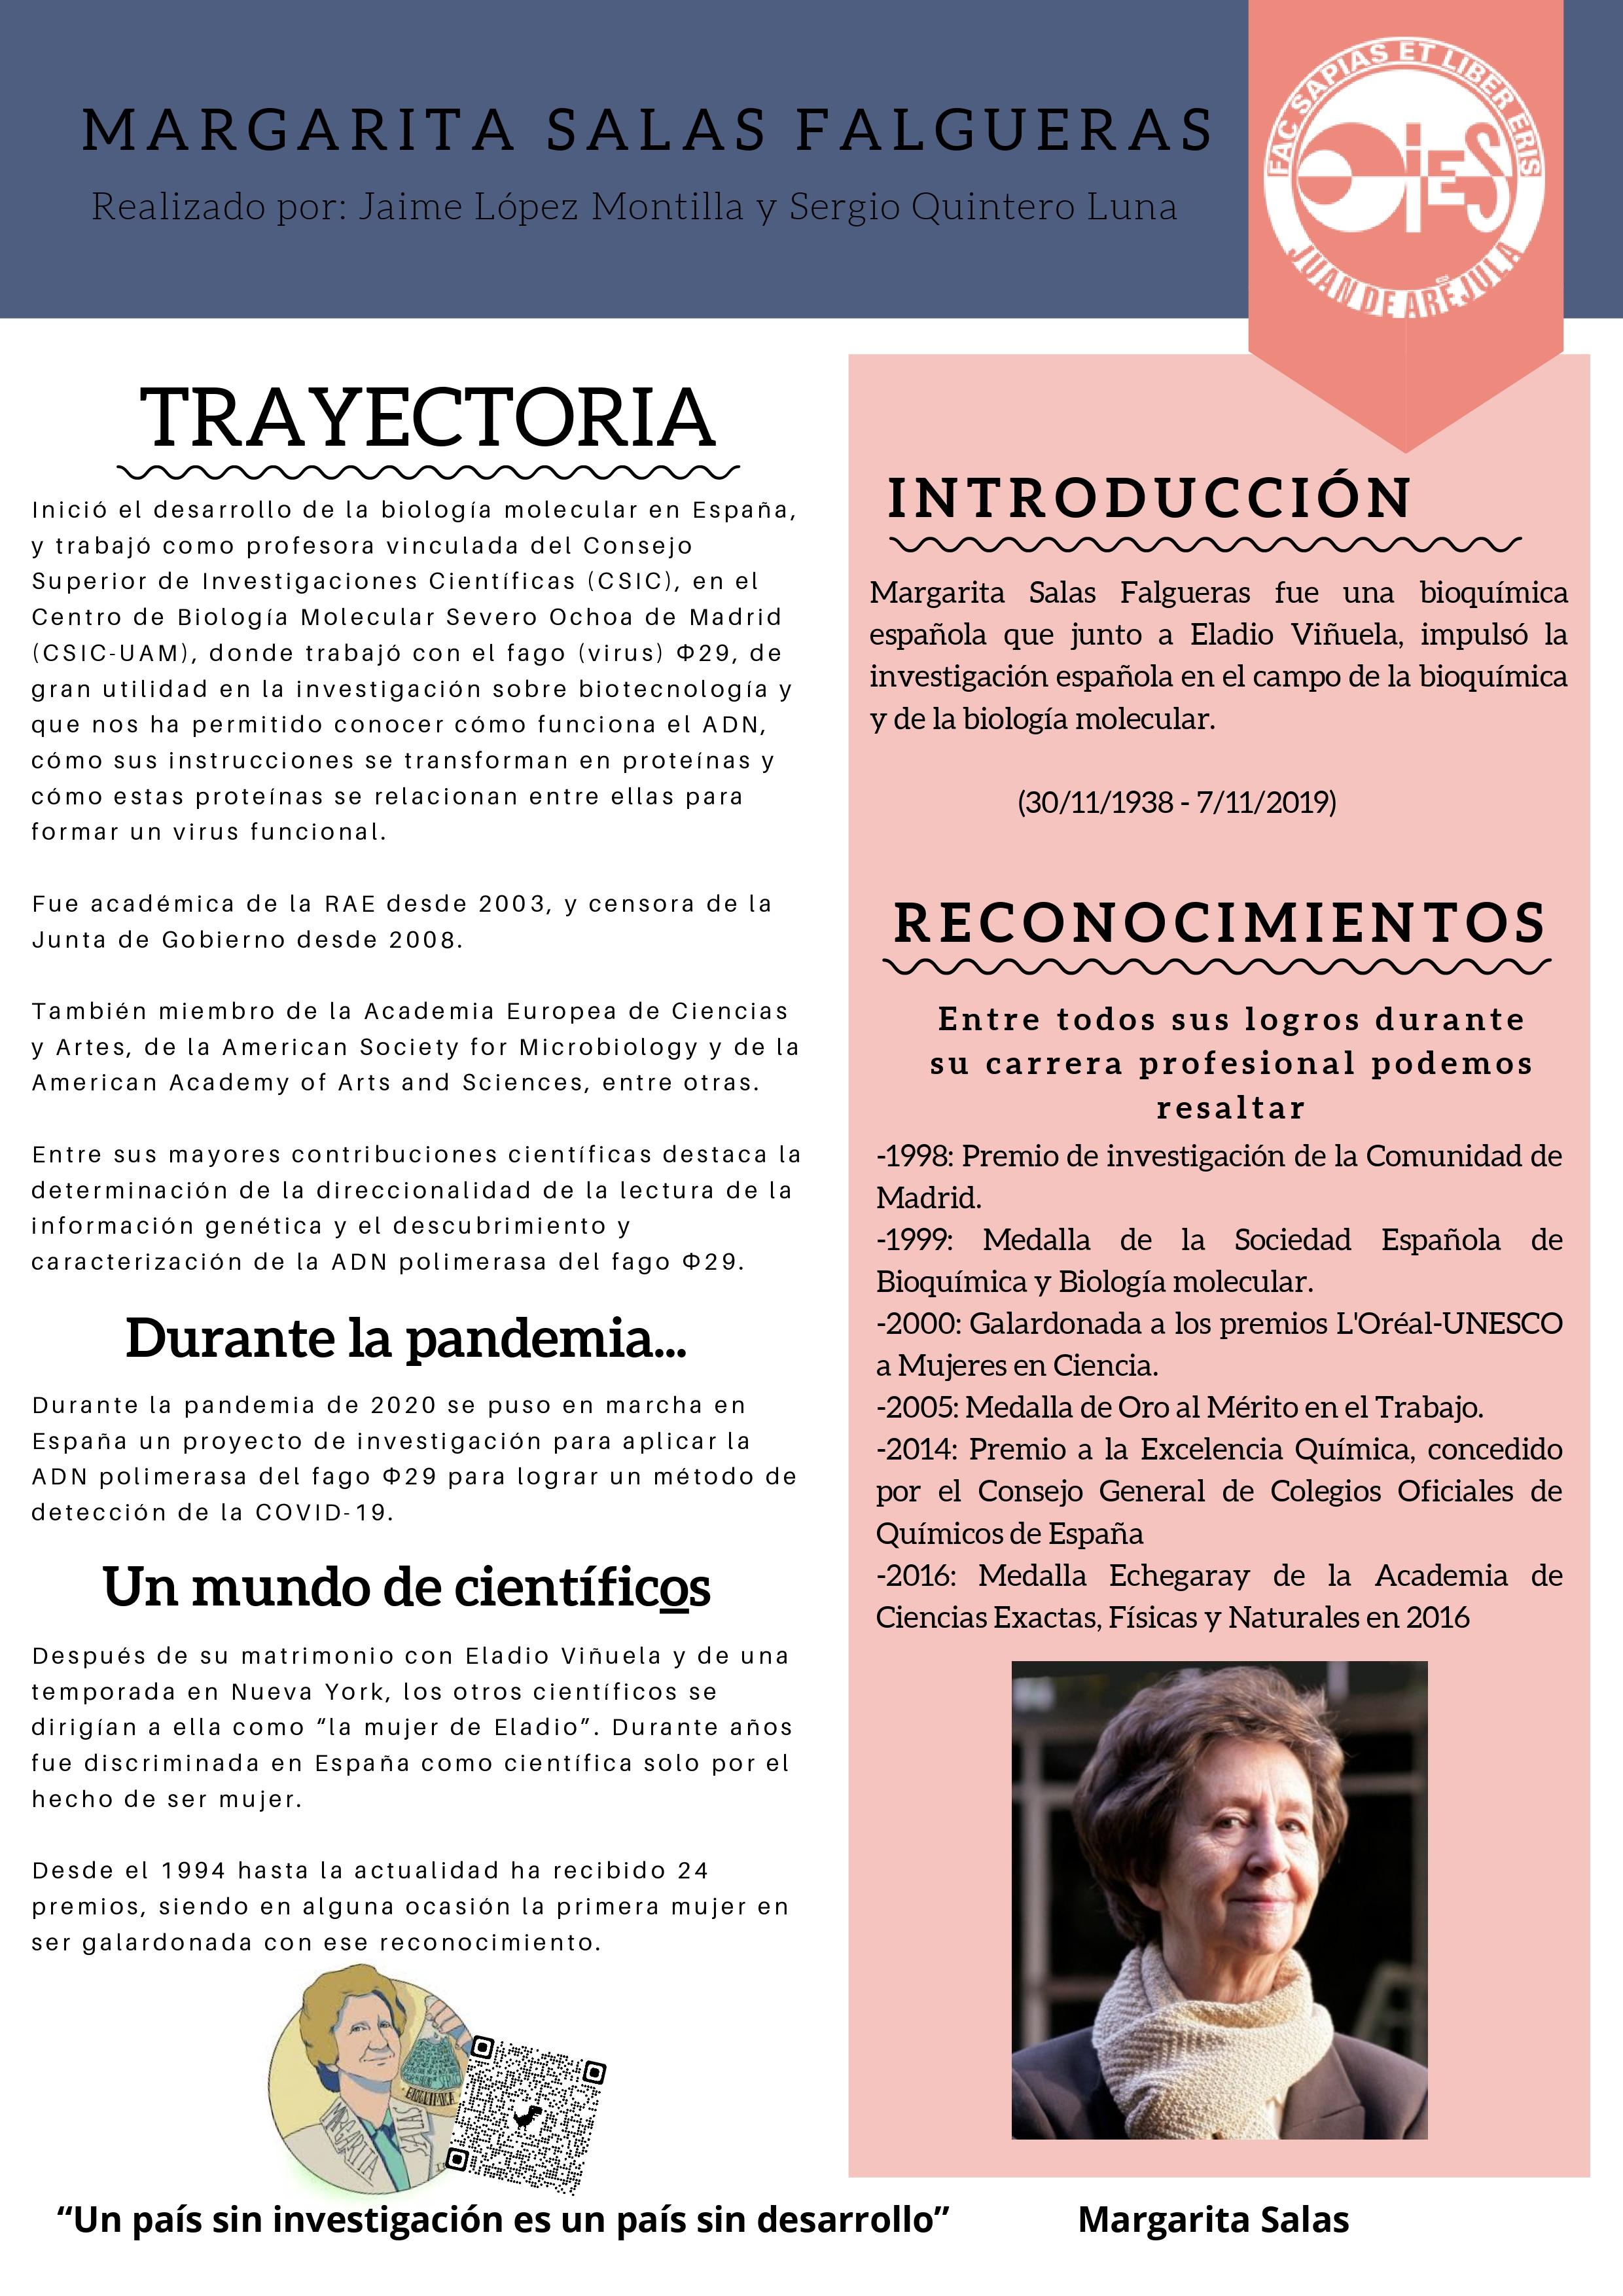 Margarita-Salas-falgueras-3-SERGIO-Y-JAIME_page-0001